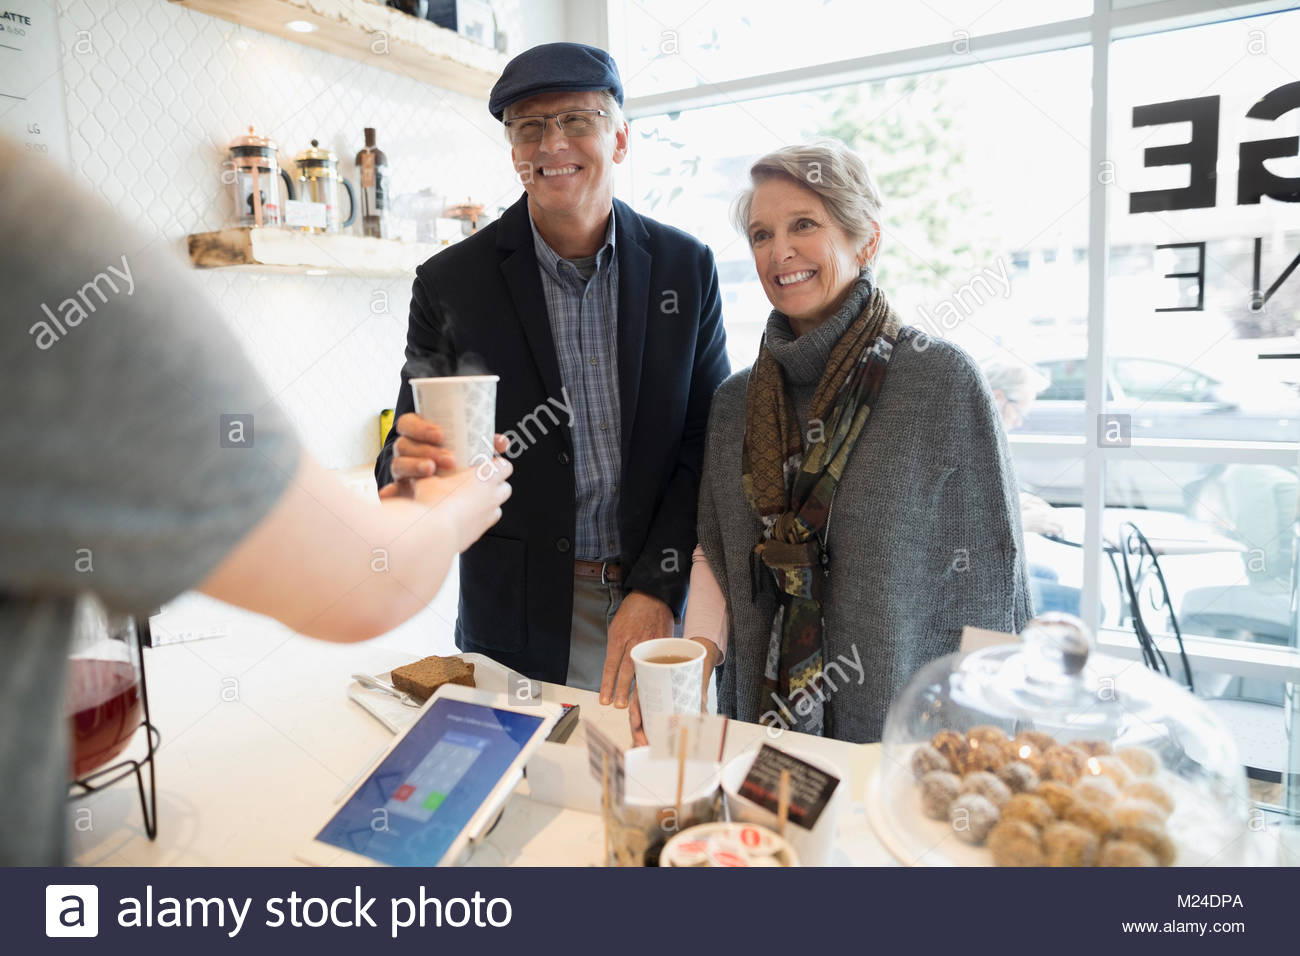 Lächelnd senior Paar kaufen Kaffee im Cafe Zähler Stockbild